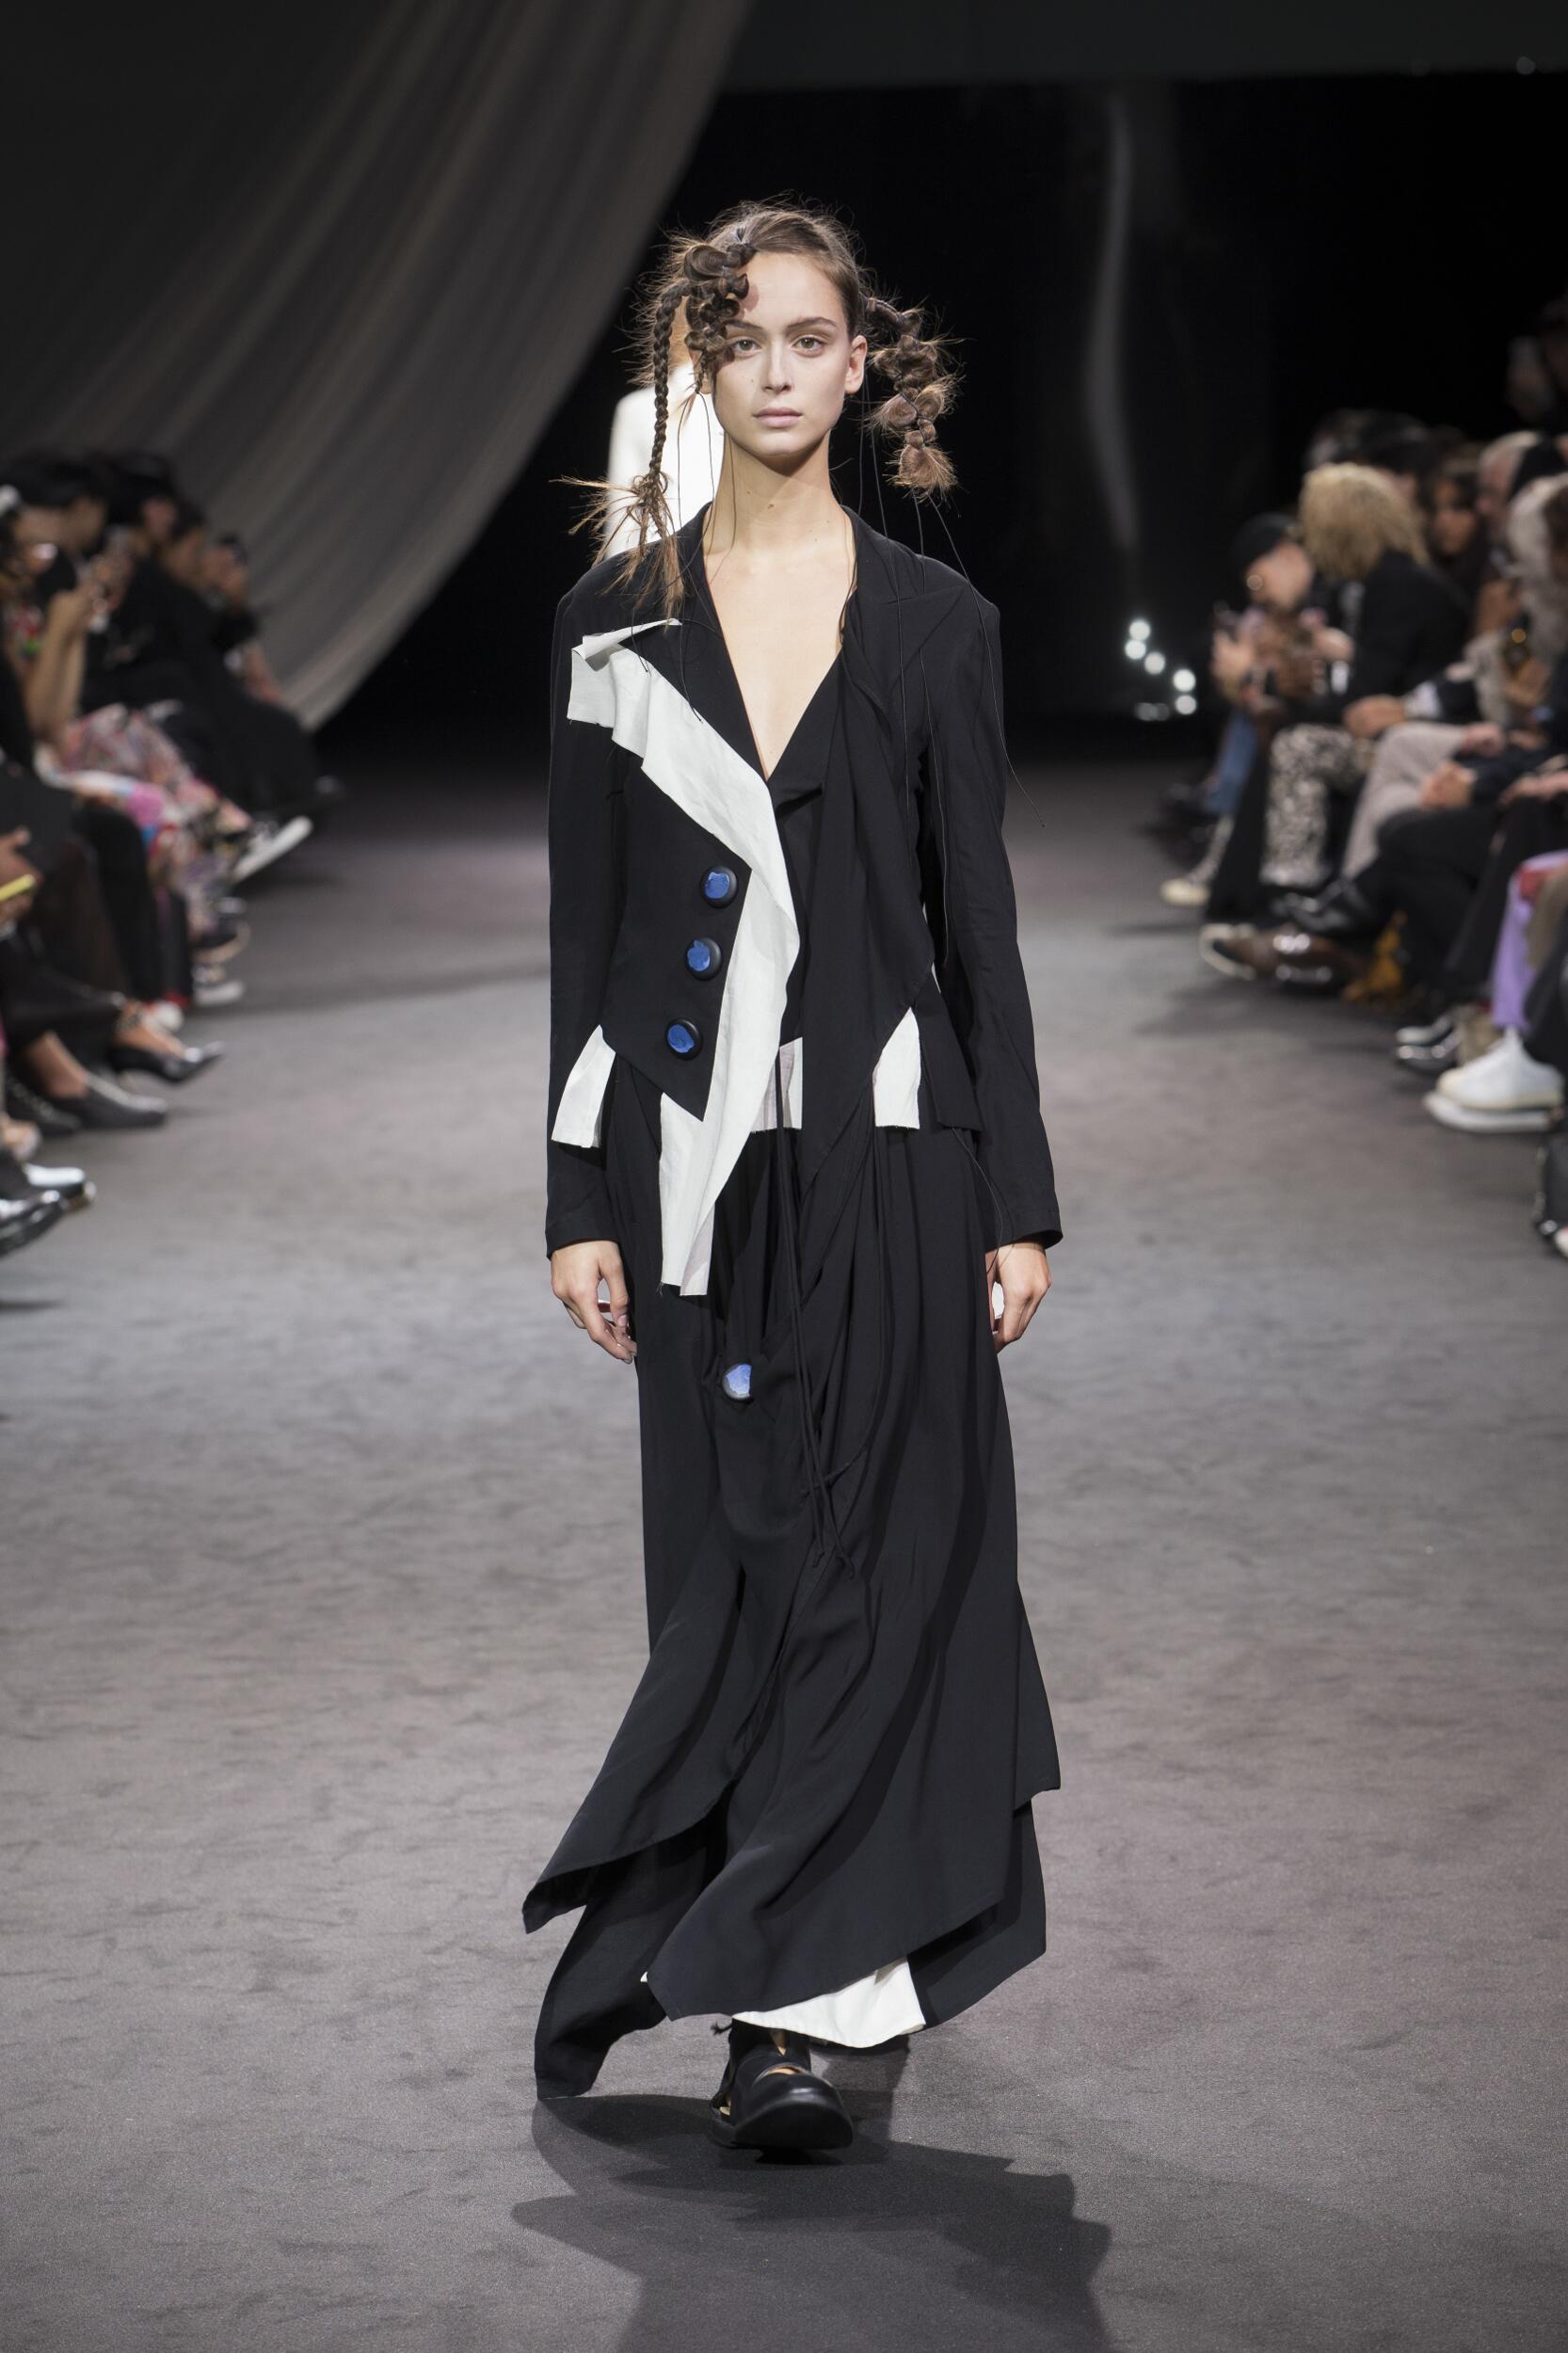 Fashion Model Woman Yohji Yamamoto Catwalk